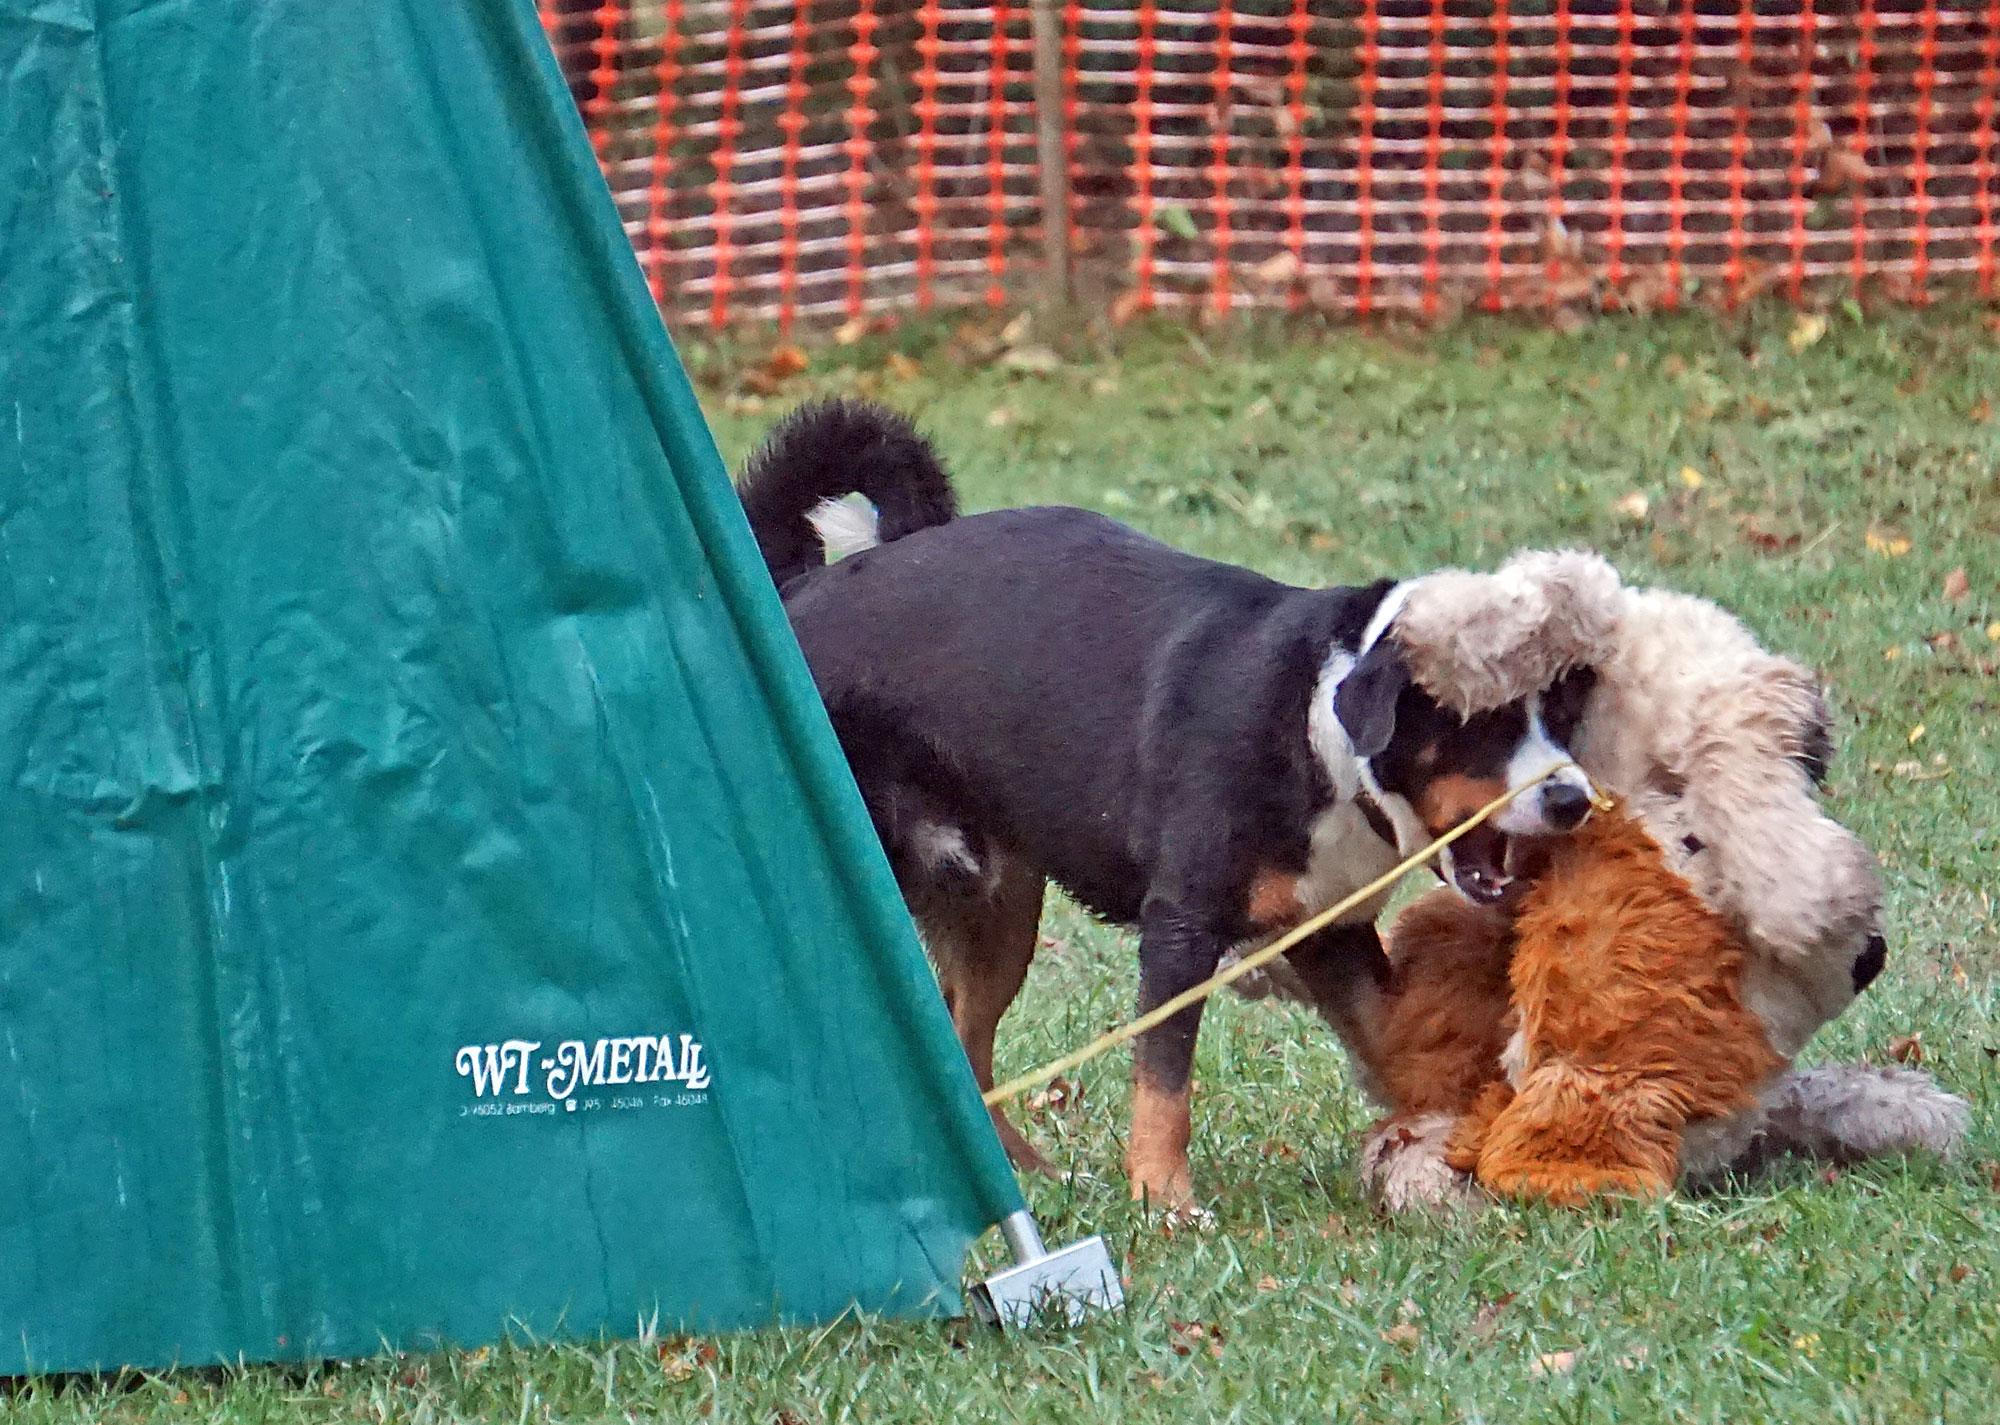 Plötzlich taucht ein riesiger Stoffhund auf.